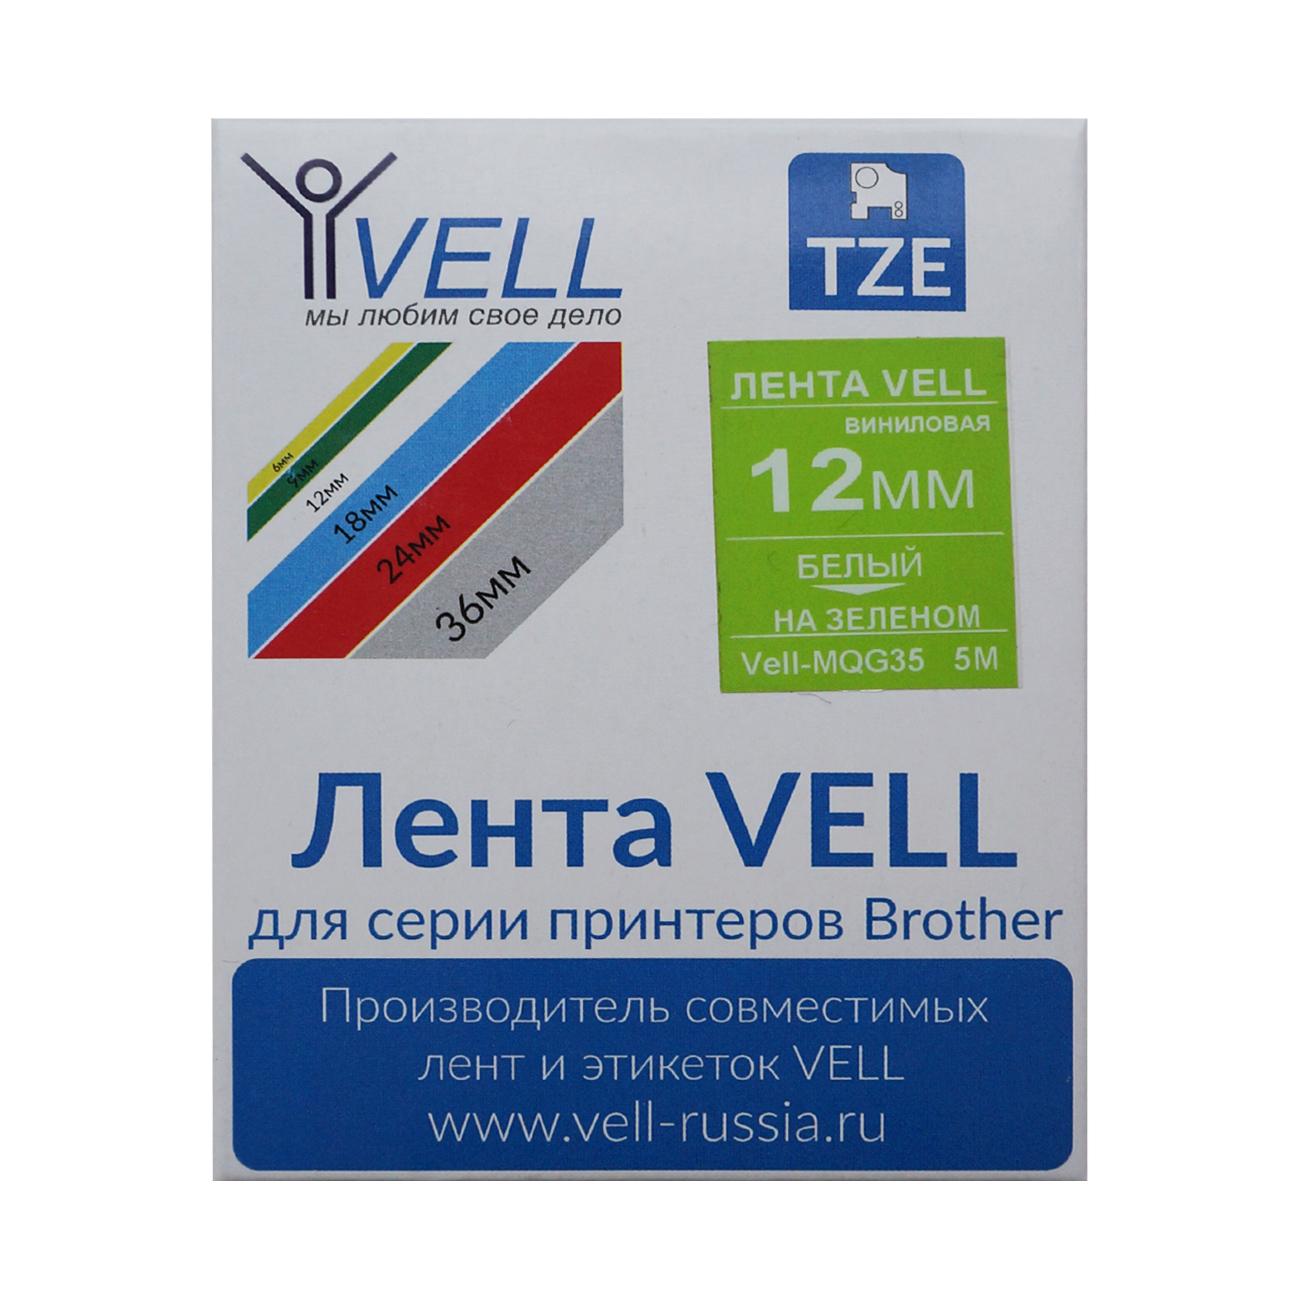 Фото Лента Vell TZE-MQG35 (аналог Brother TZE-MQG35, 12 мм, белый на зеленом) для PT 1010/1280/D200/H105/E100/D600/E300/2700/P700/E550/9700 {VellTZEMQG35}